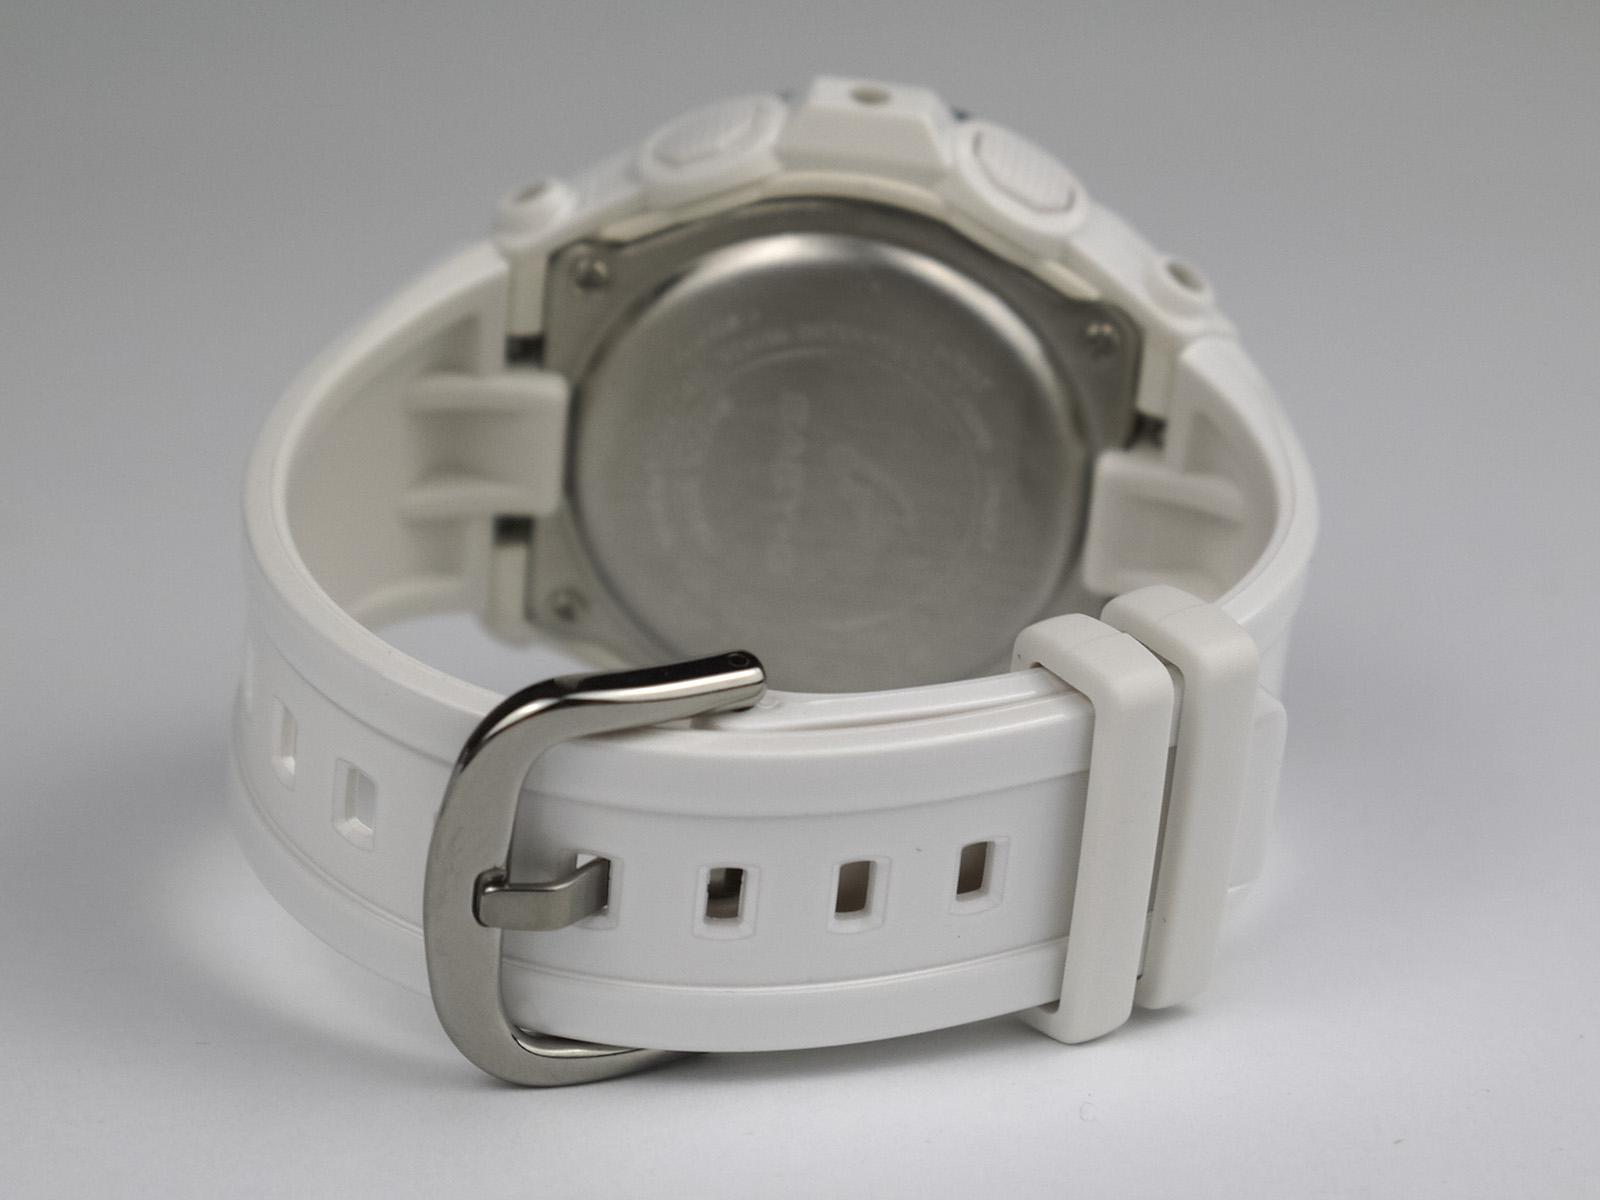 Ваше имя в апреле году casio выпустила новые часы, которые перевернули представление о часах и часовой промышленности.